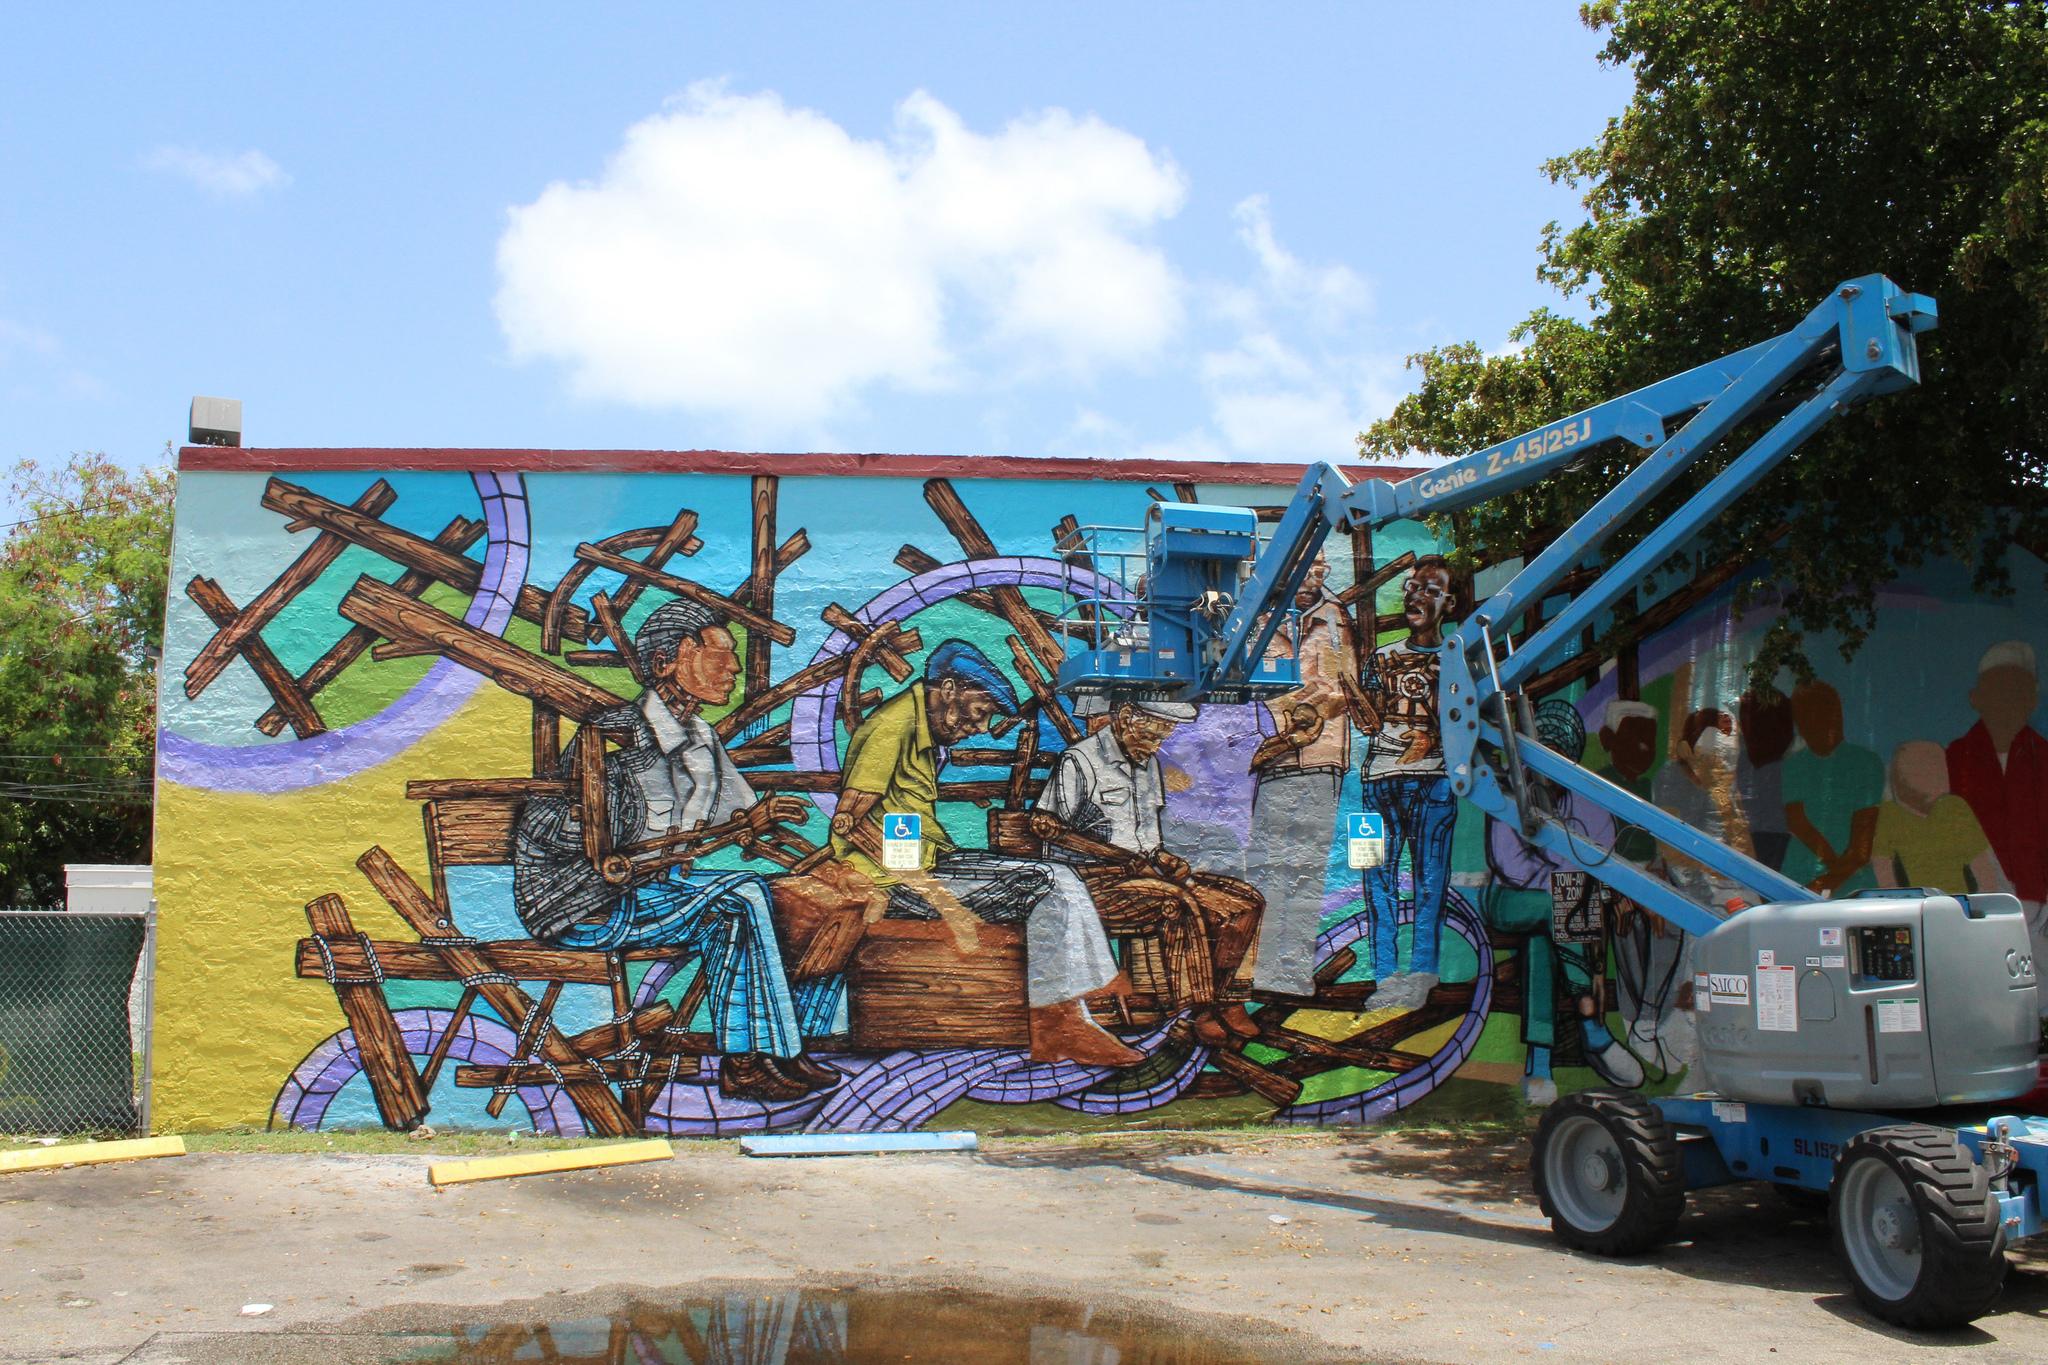 Mural Little Havana Calle Ocho © Phillip Pessar/flickr